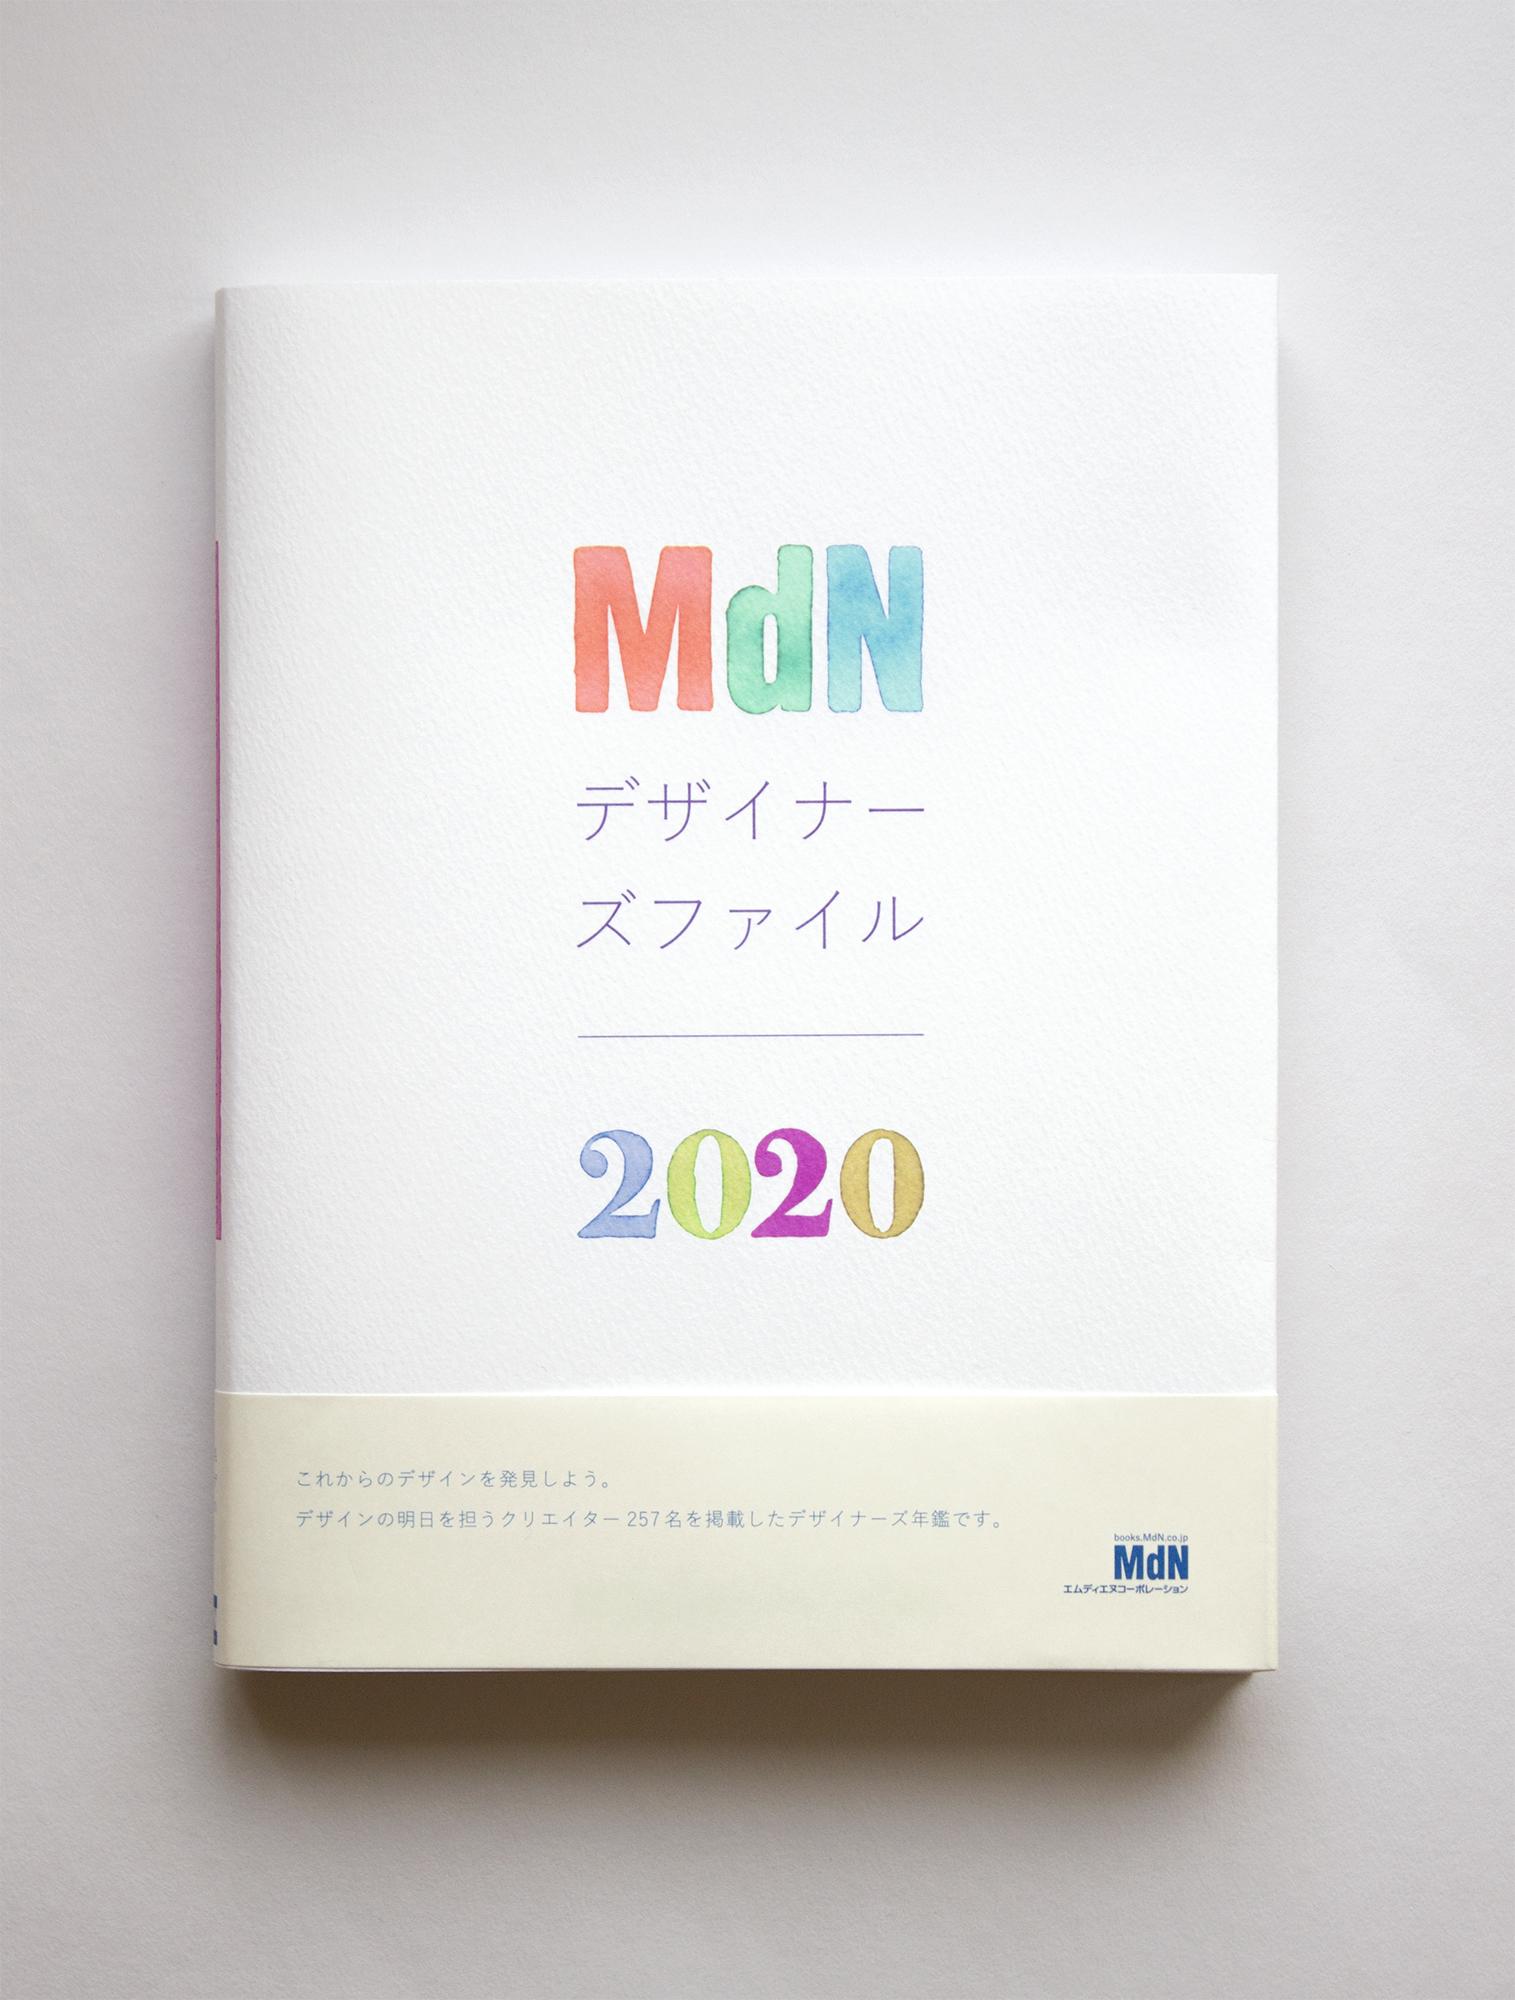 /MdN_1.jpg